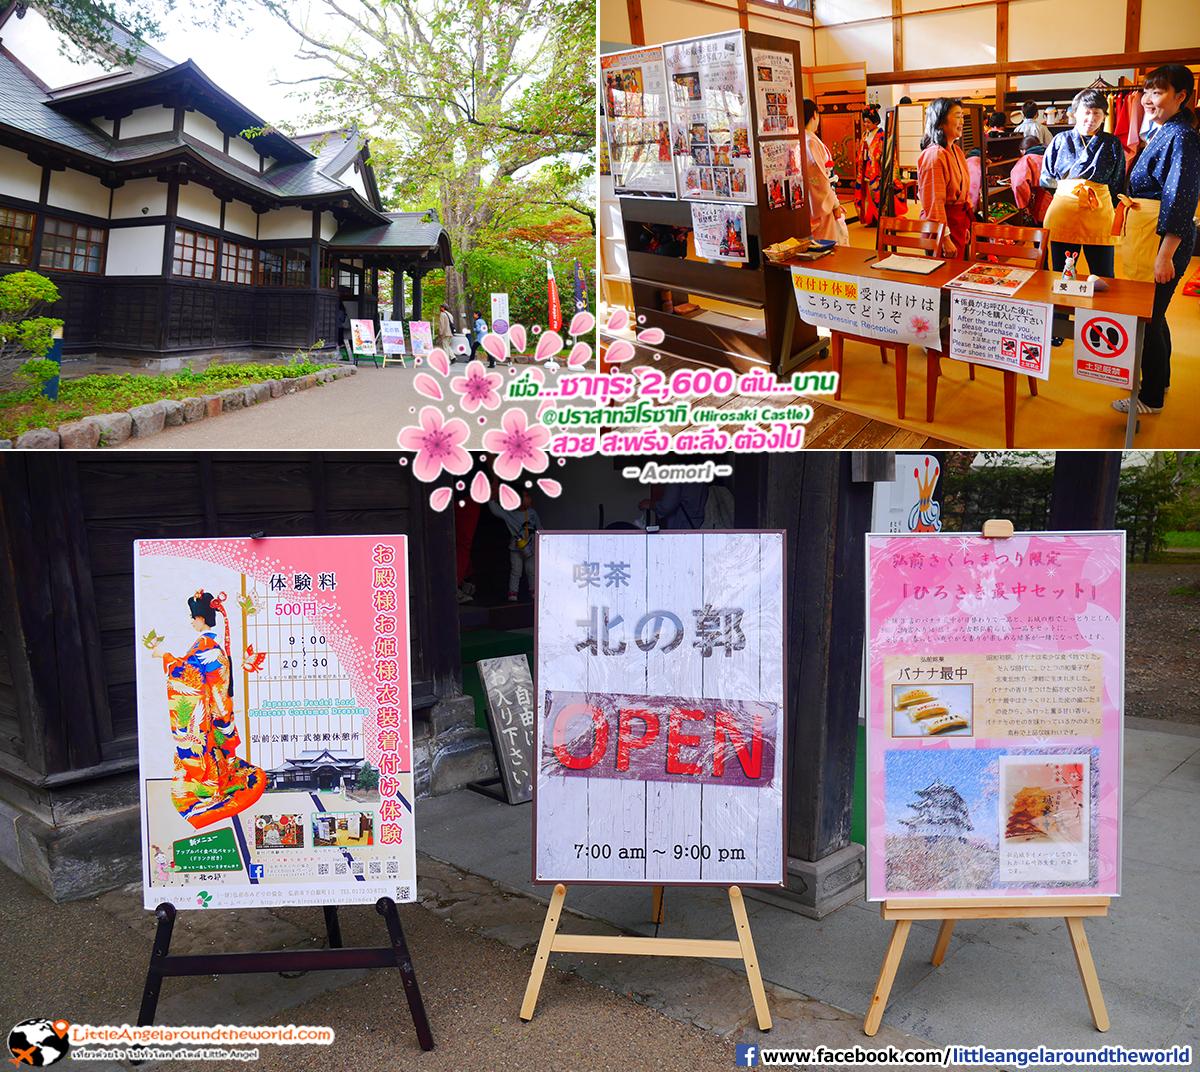 จุดเช่าชุดกิโมโนถ่ายภาพเป็นที่ระลึก : เที่ยวอาโอโมริ ซากุระกว่า 2,600 ต้น ที่ปราสาทฮิโรซากิ (Hirosaki Castle)